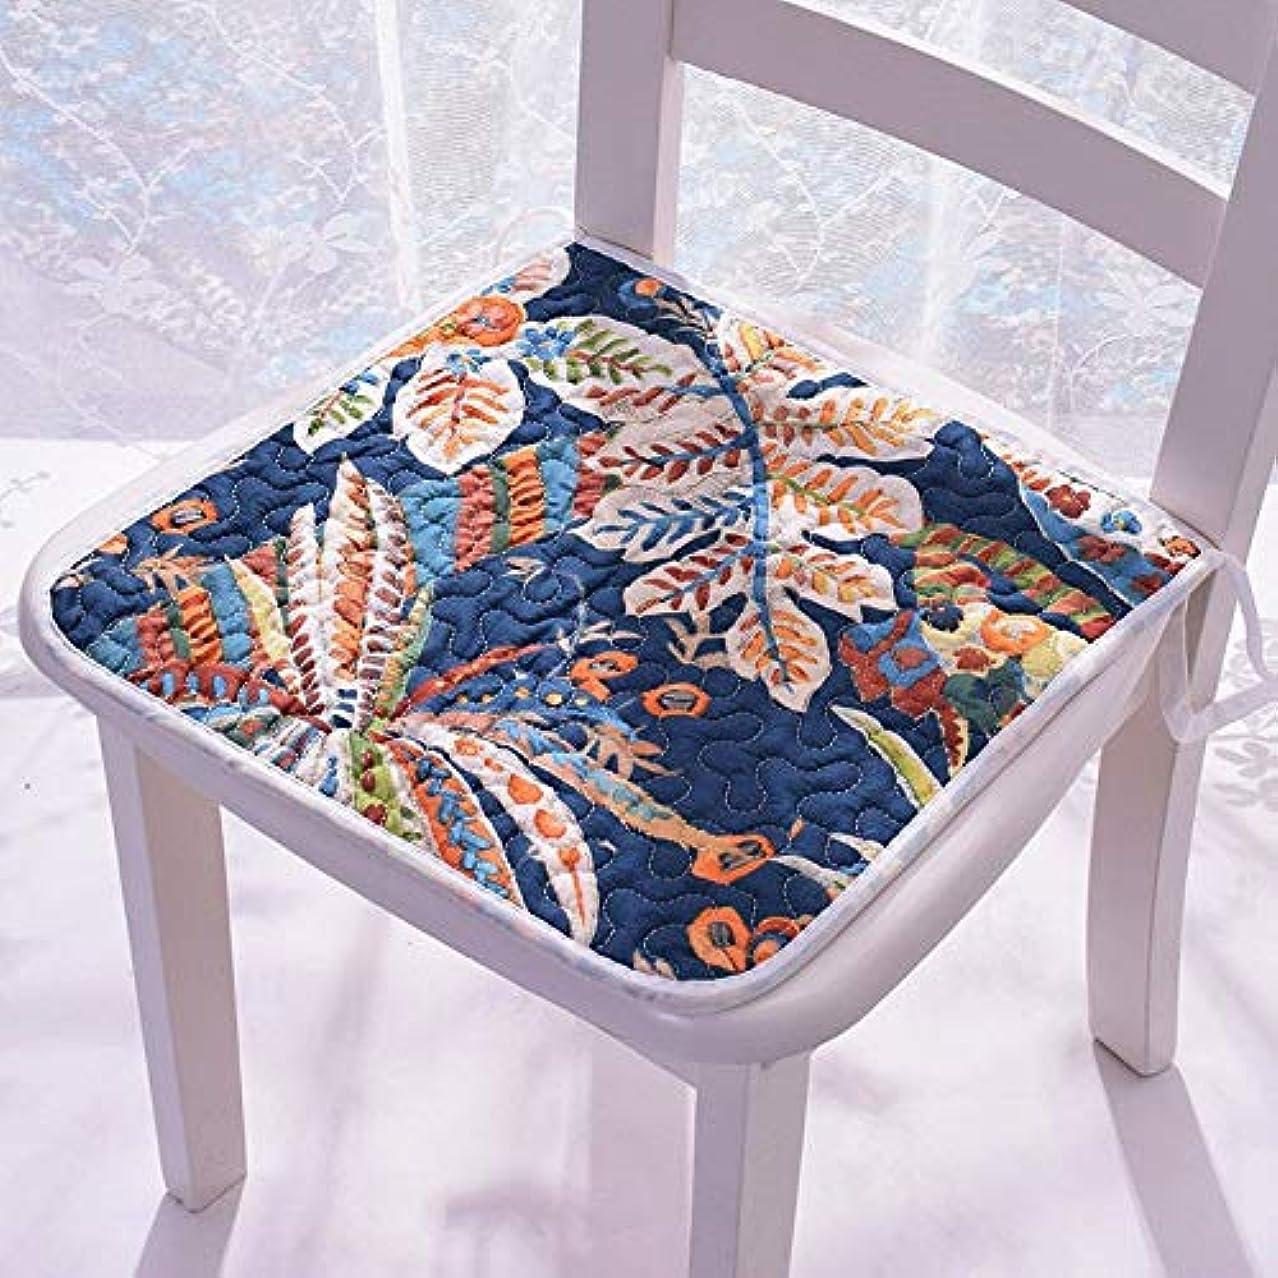 知る着服幸福LIFE 現代スーパーソフト椅子クッション非スリップシートクッションマットソファホームデコレーションバッククッションチェアパッド 40*40/45*45/50*50 センチメートル クッション 椅子